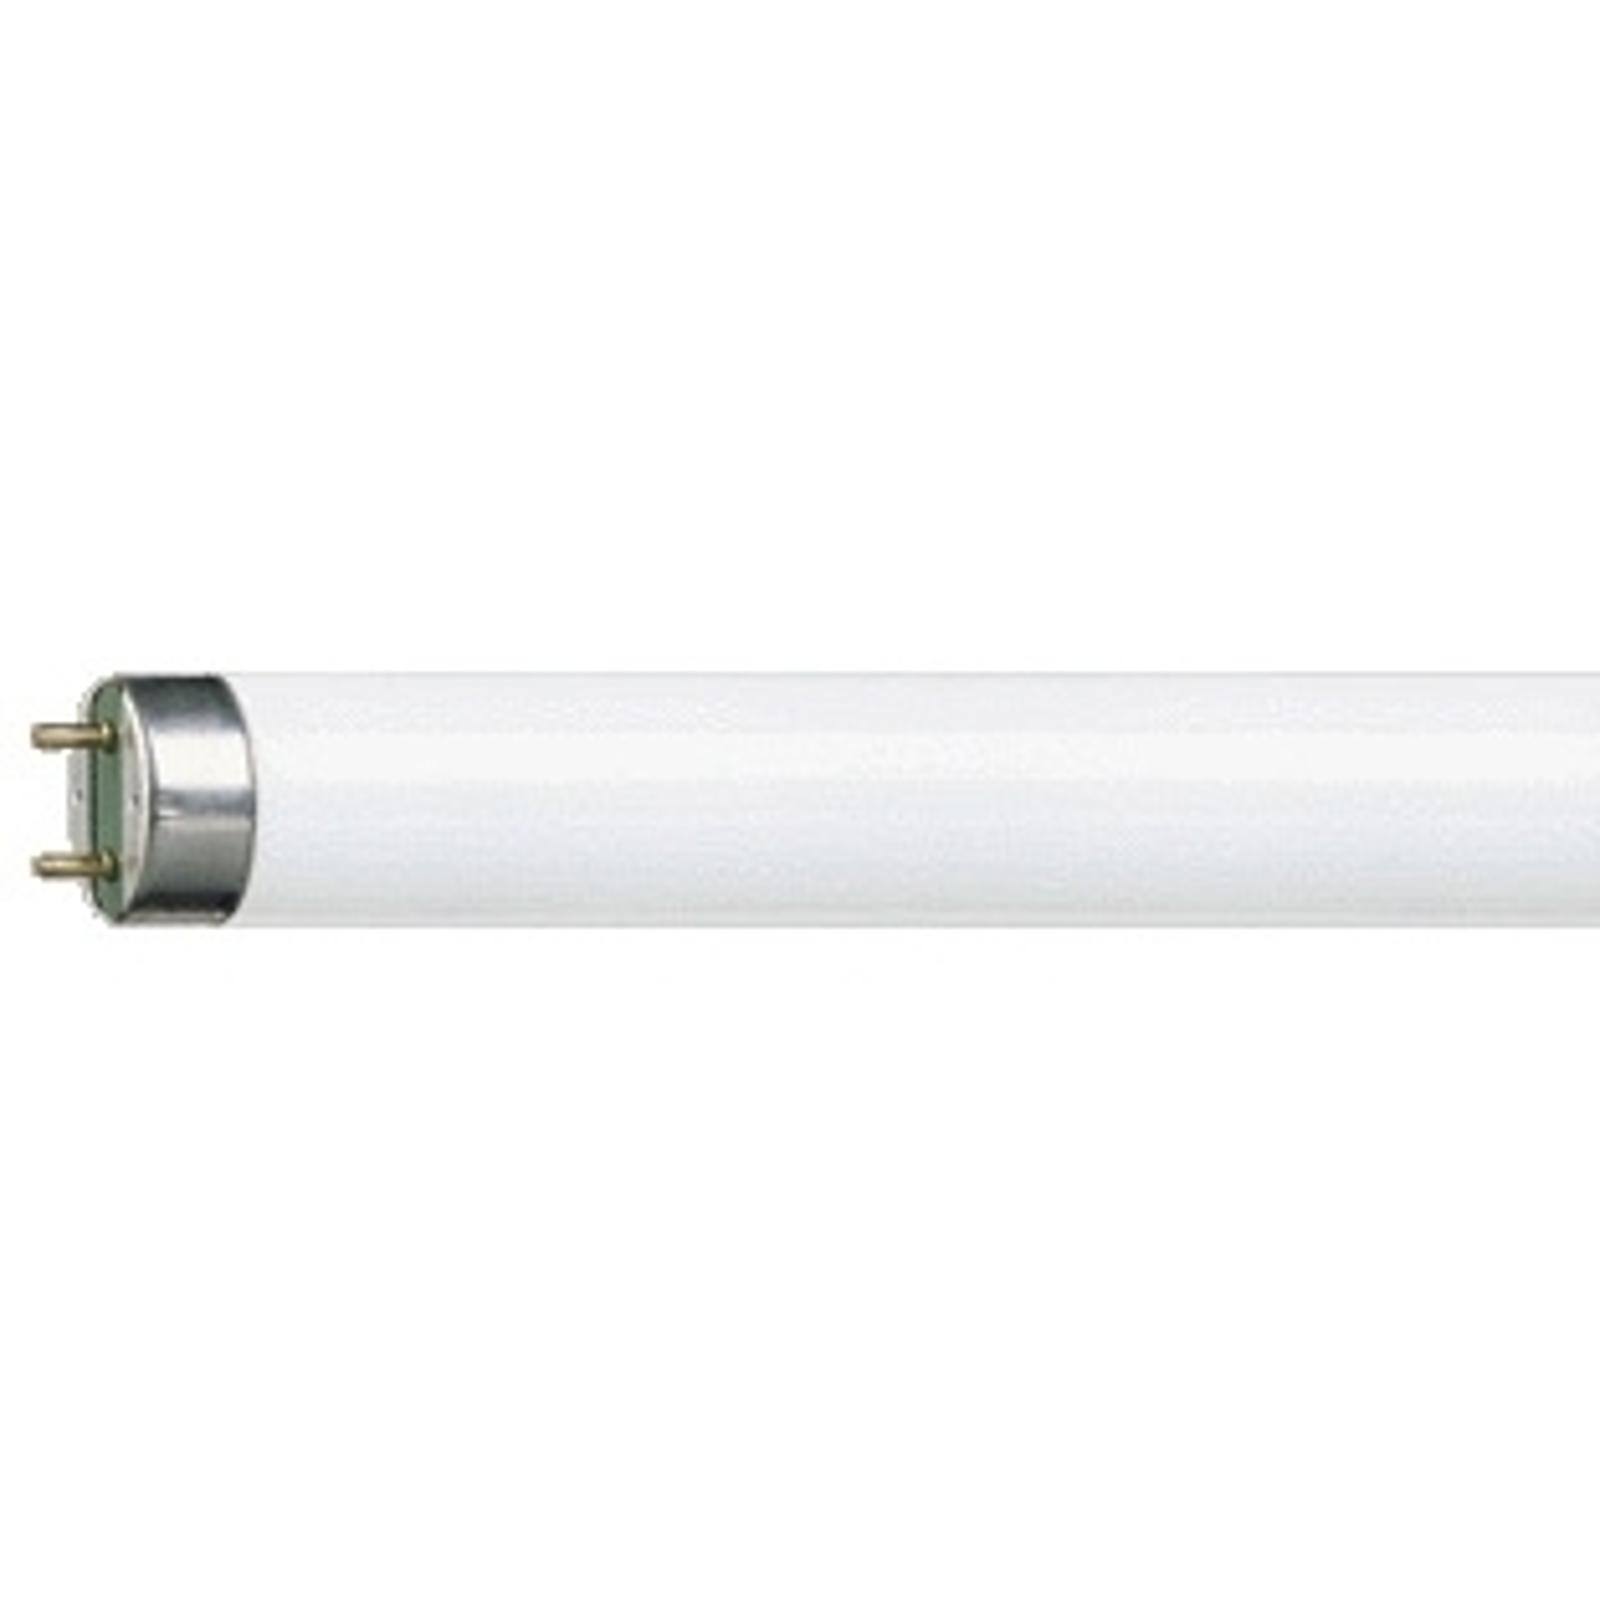 Leuchtstoffröhre G13 T8 15W MASTER TL-D Super 830